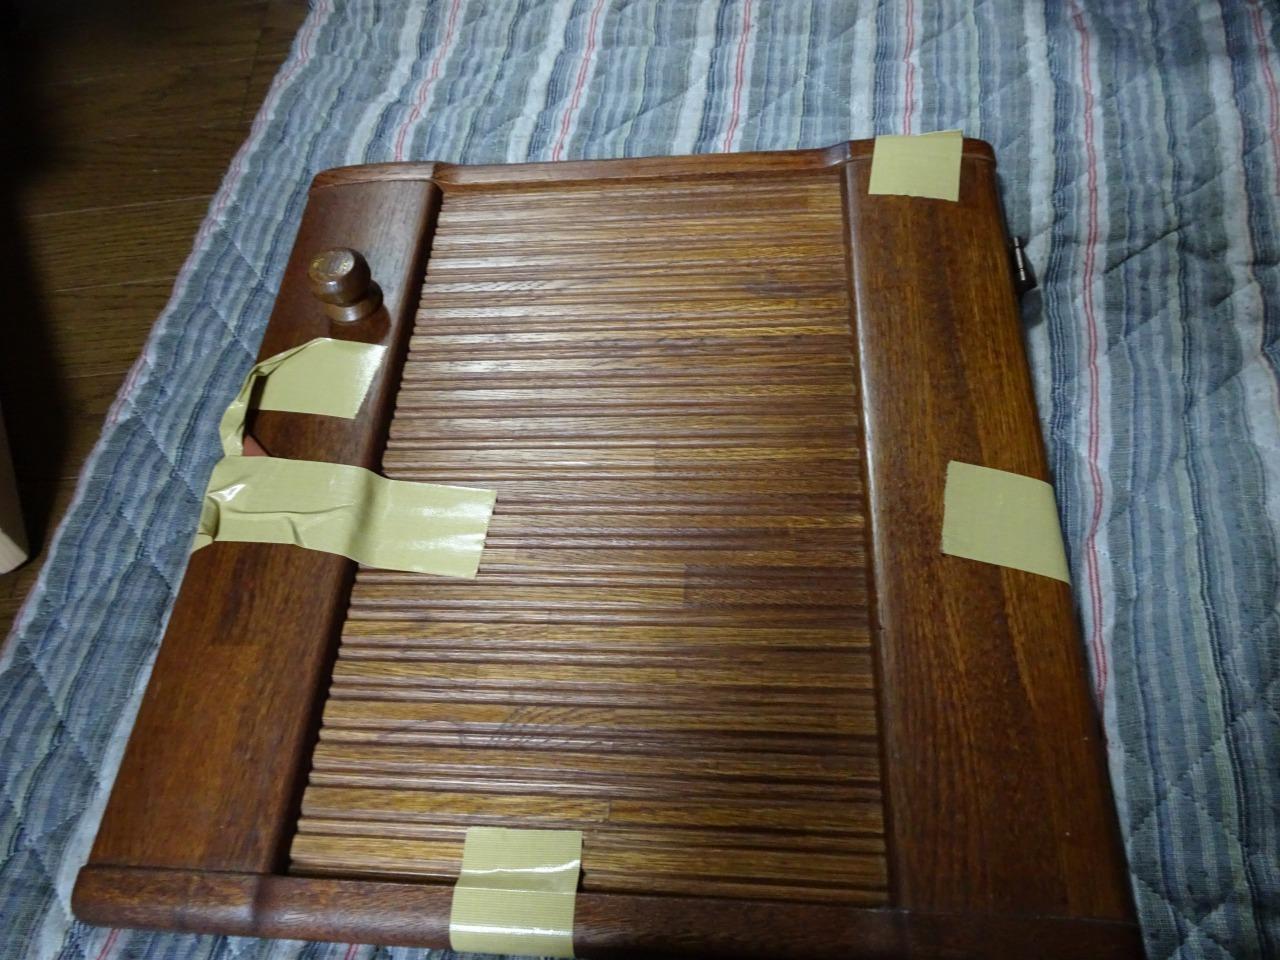 こだわり桐箪笥の社長ブログ 食器棚の金具(アングル蝶番)の修理ならお任せください。を直しました。